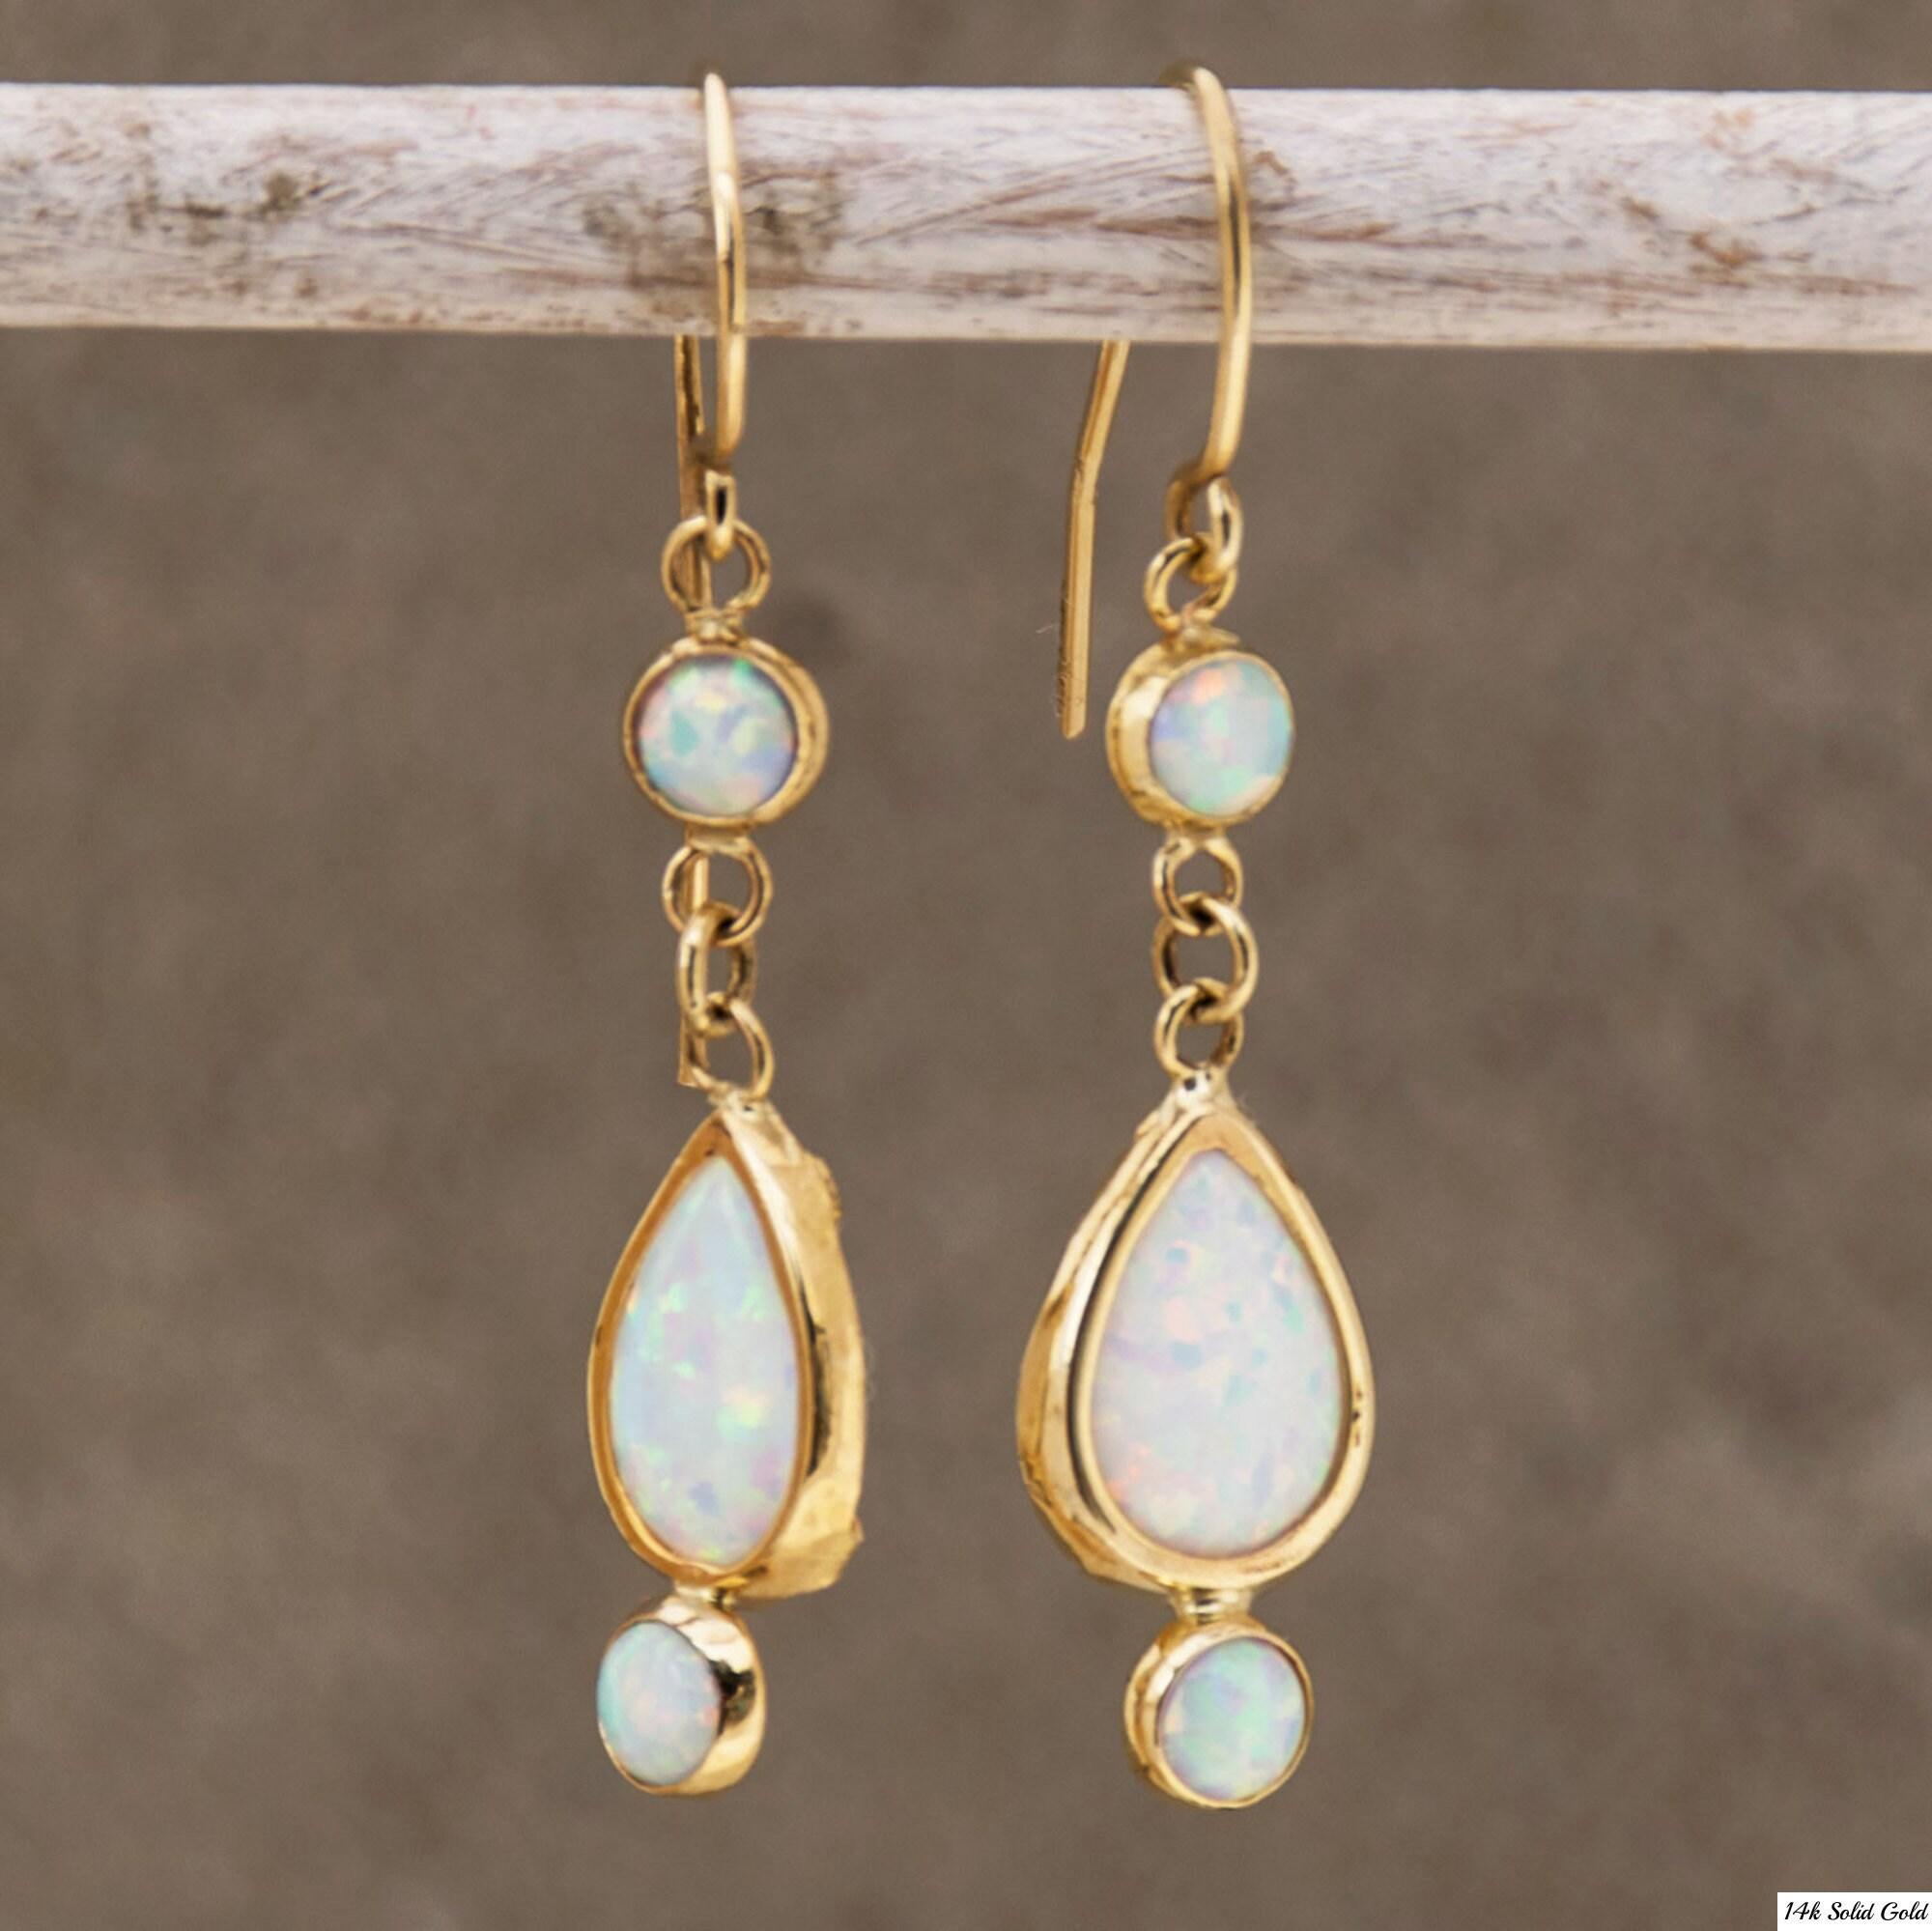 eef769dee White Opal earrings 14K Gold Drop Earrings Opal Dangle | Etsy